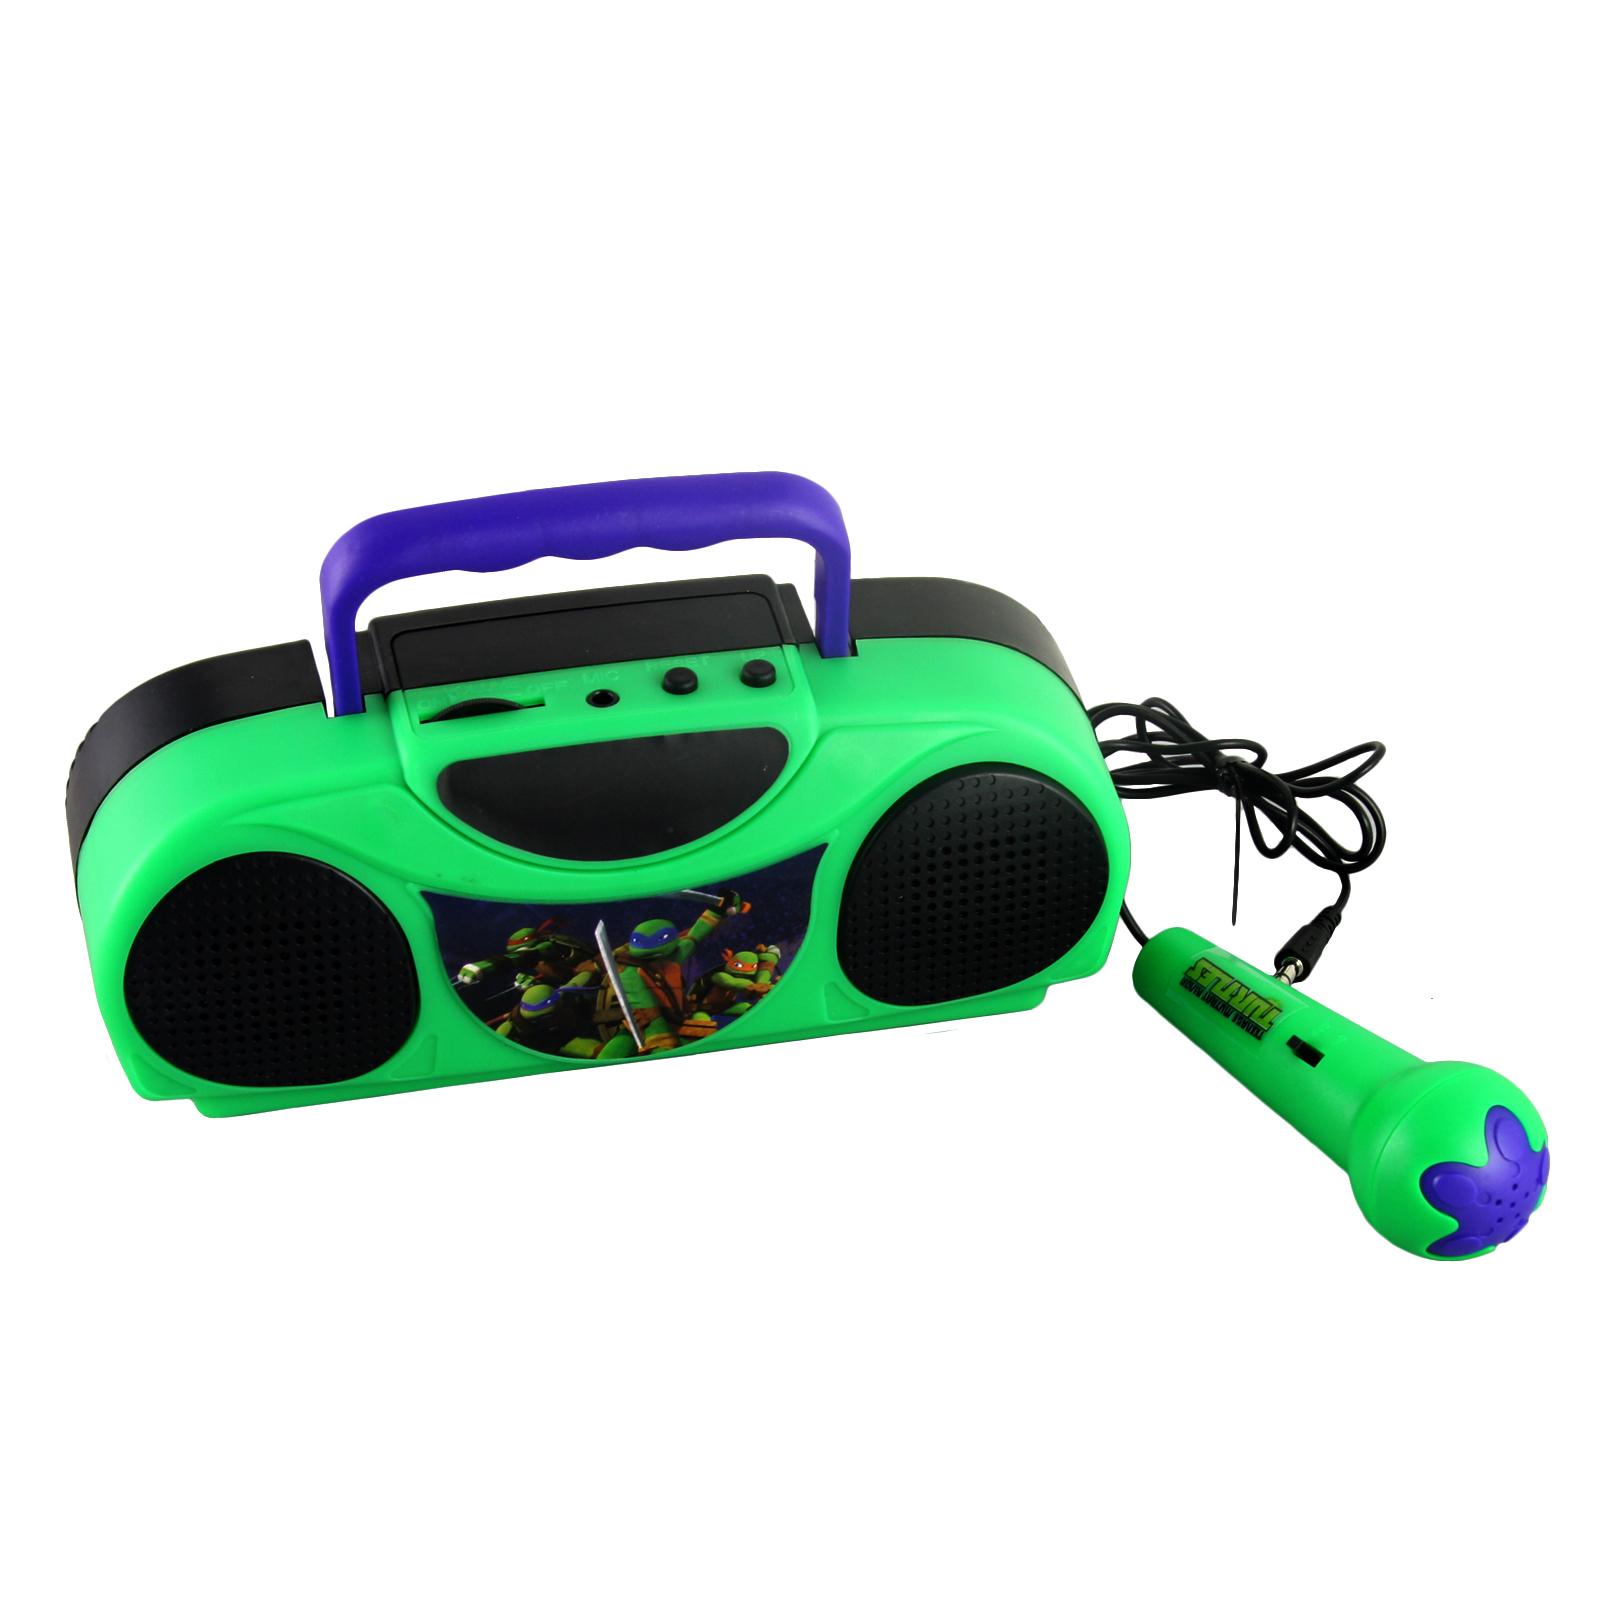 Nickelodeon 16365 Teenage Mutant Ninja Turtles Portable Radio Karaoke Kit